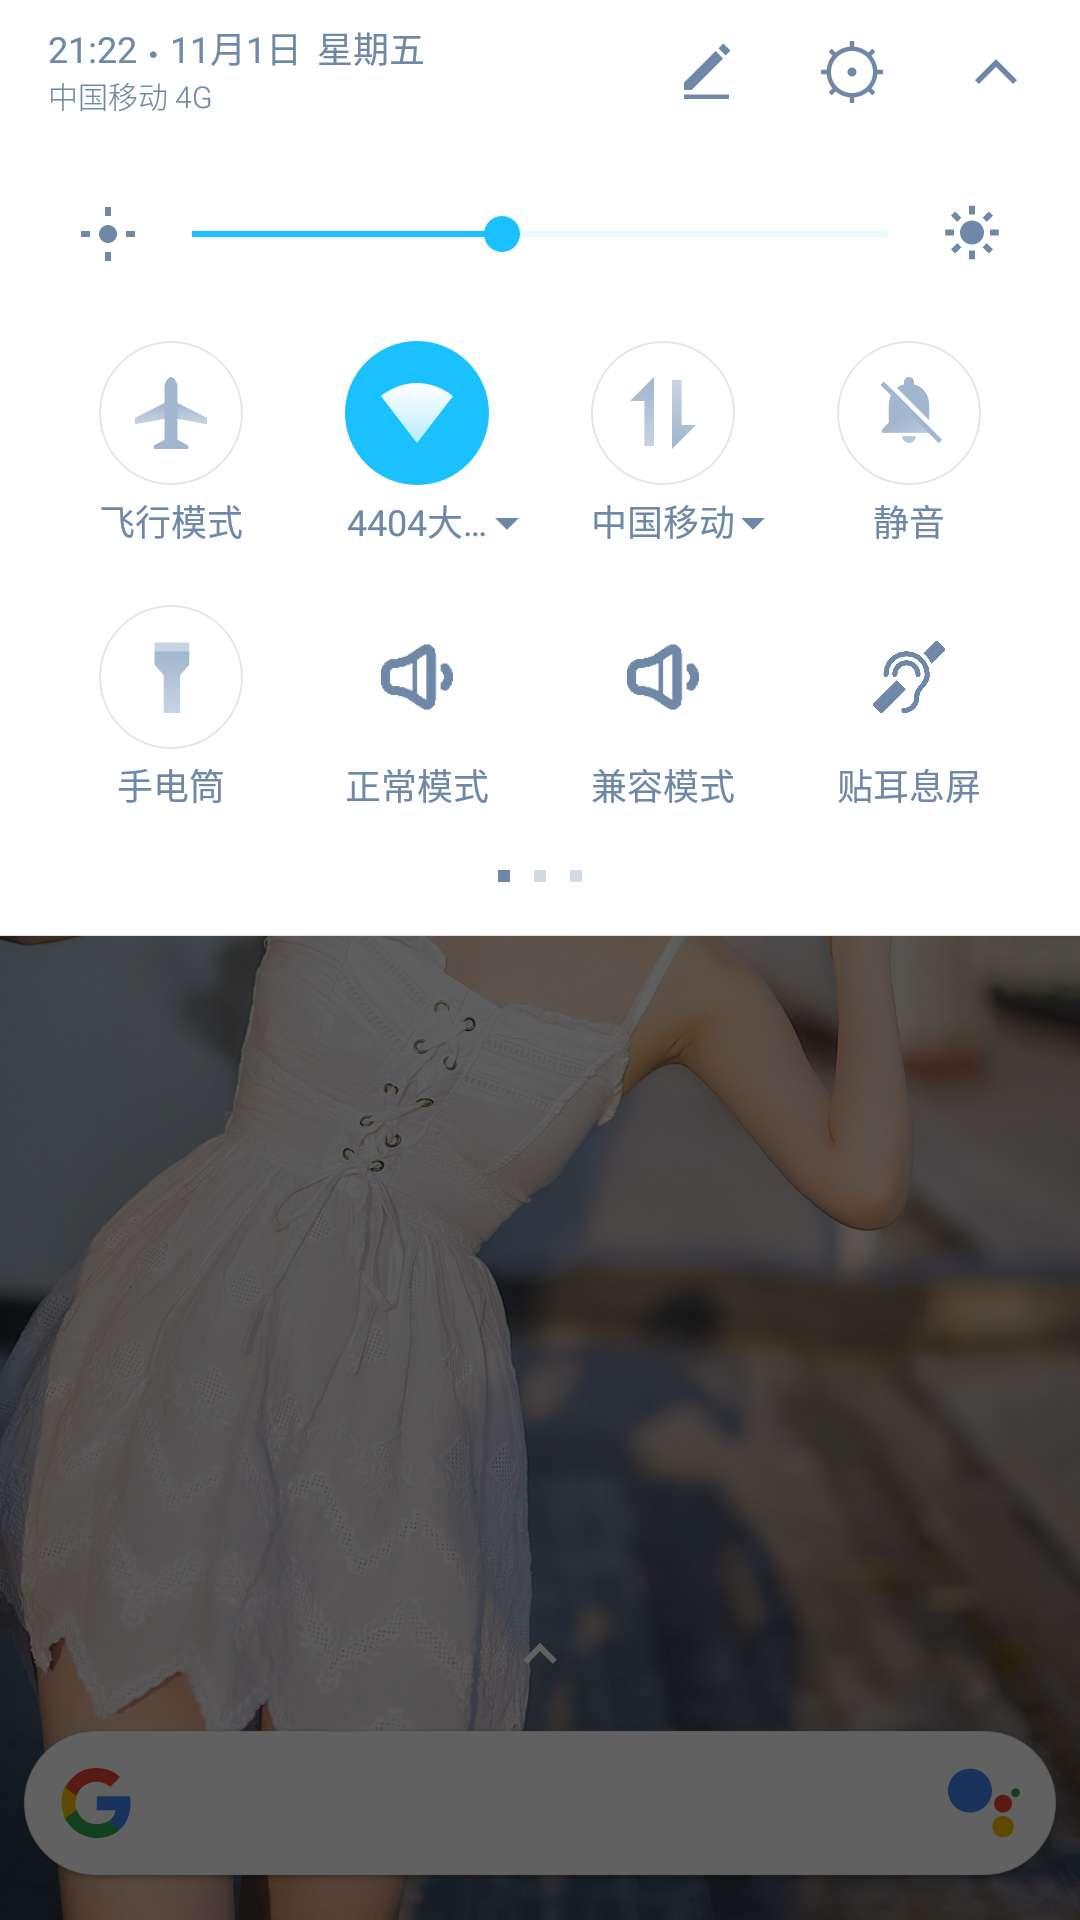 【分享】完全静音 V1.8 Android